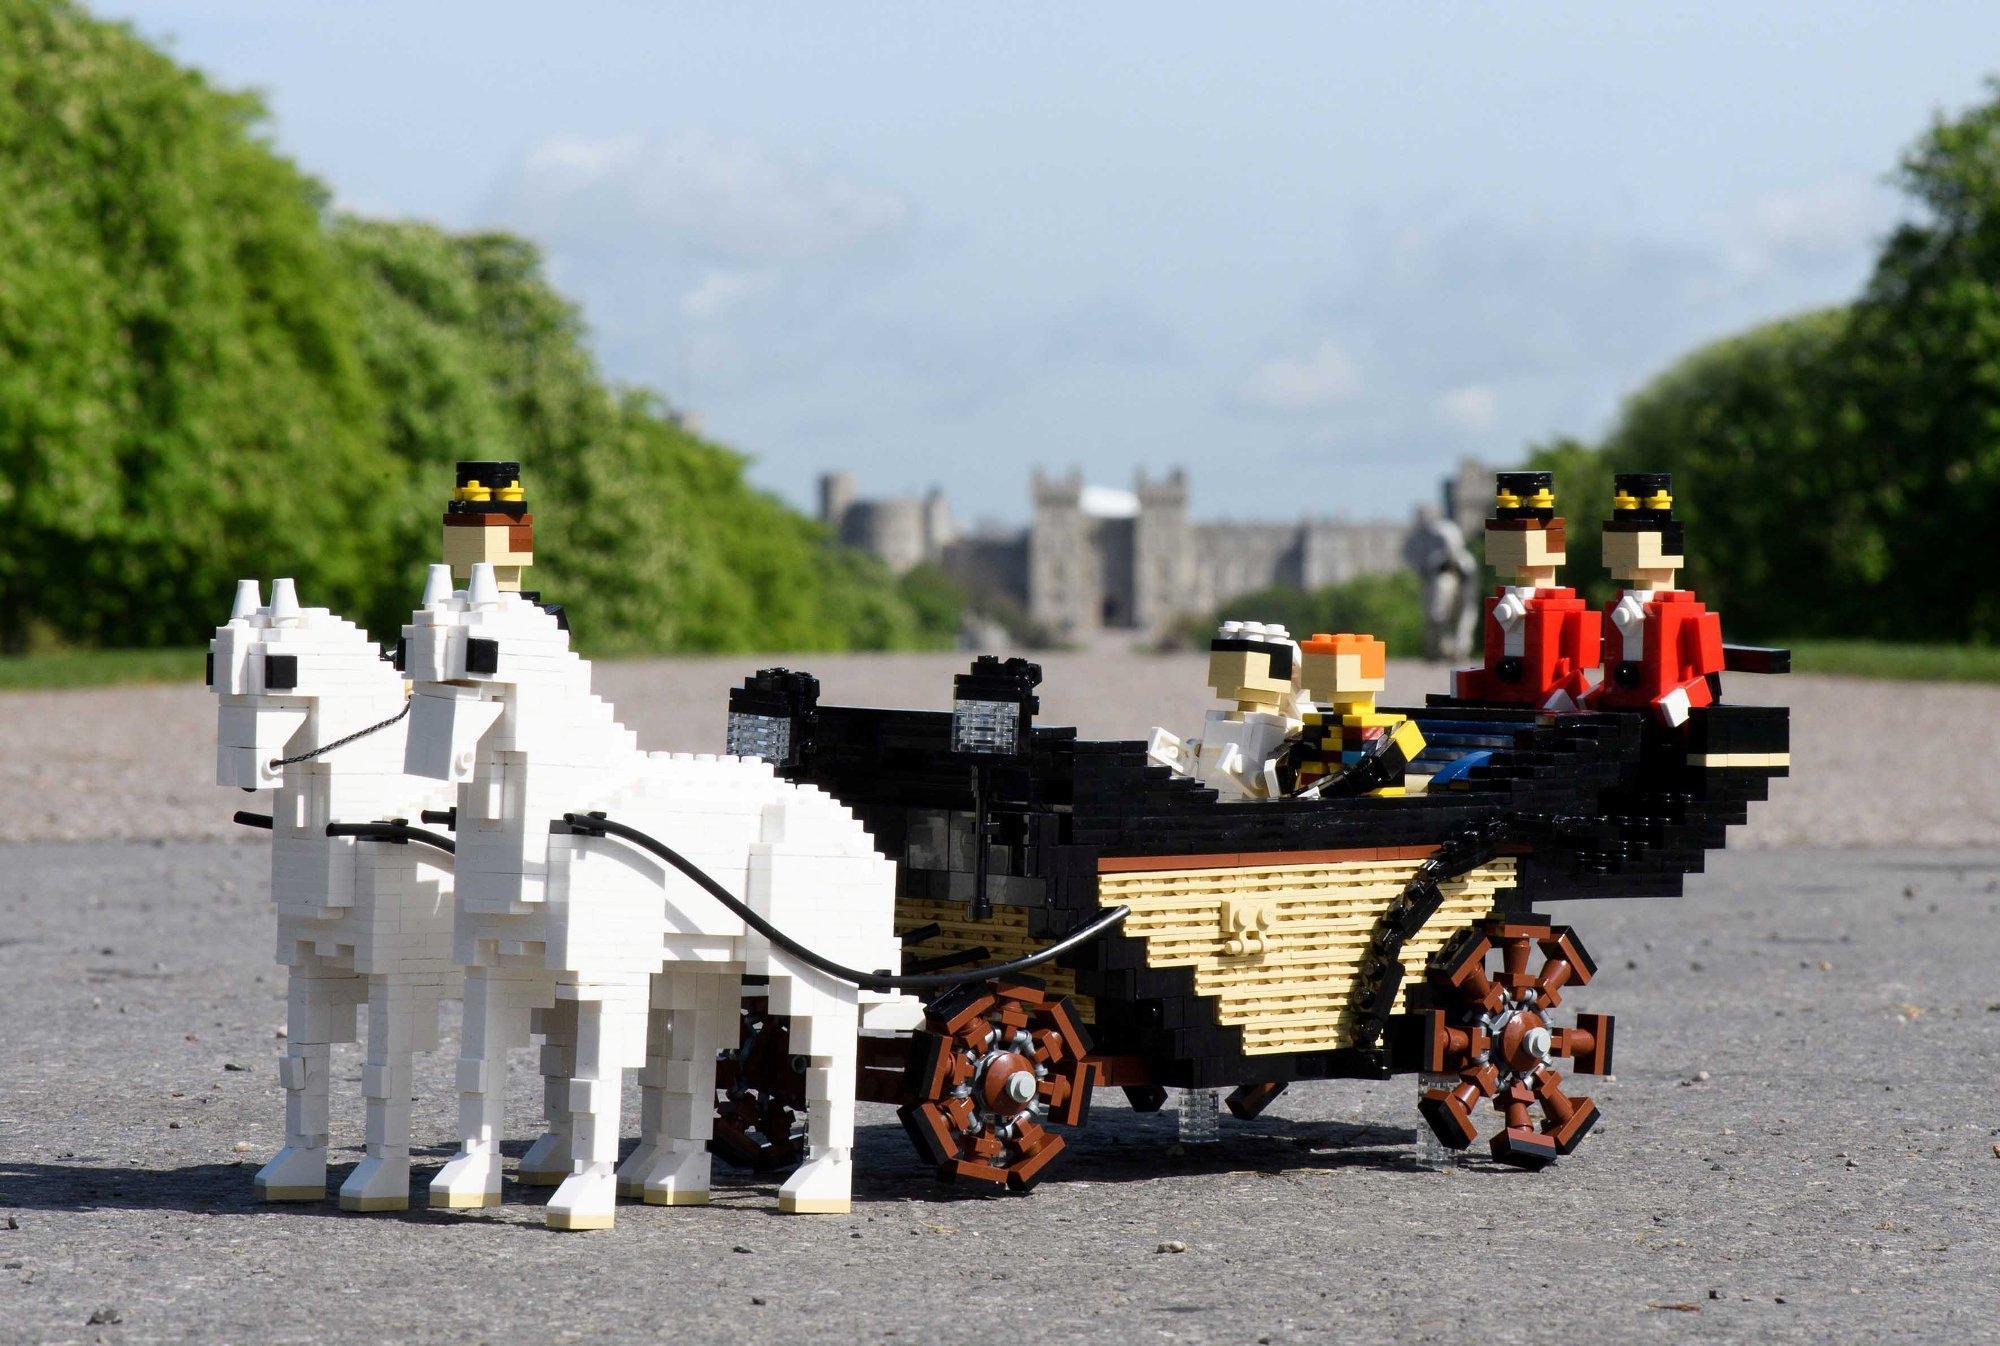 Il matrimonio reale di Harry e Meghan in versione Lego